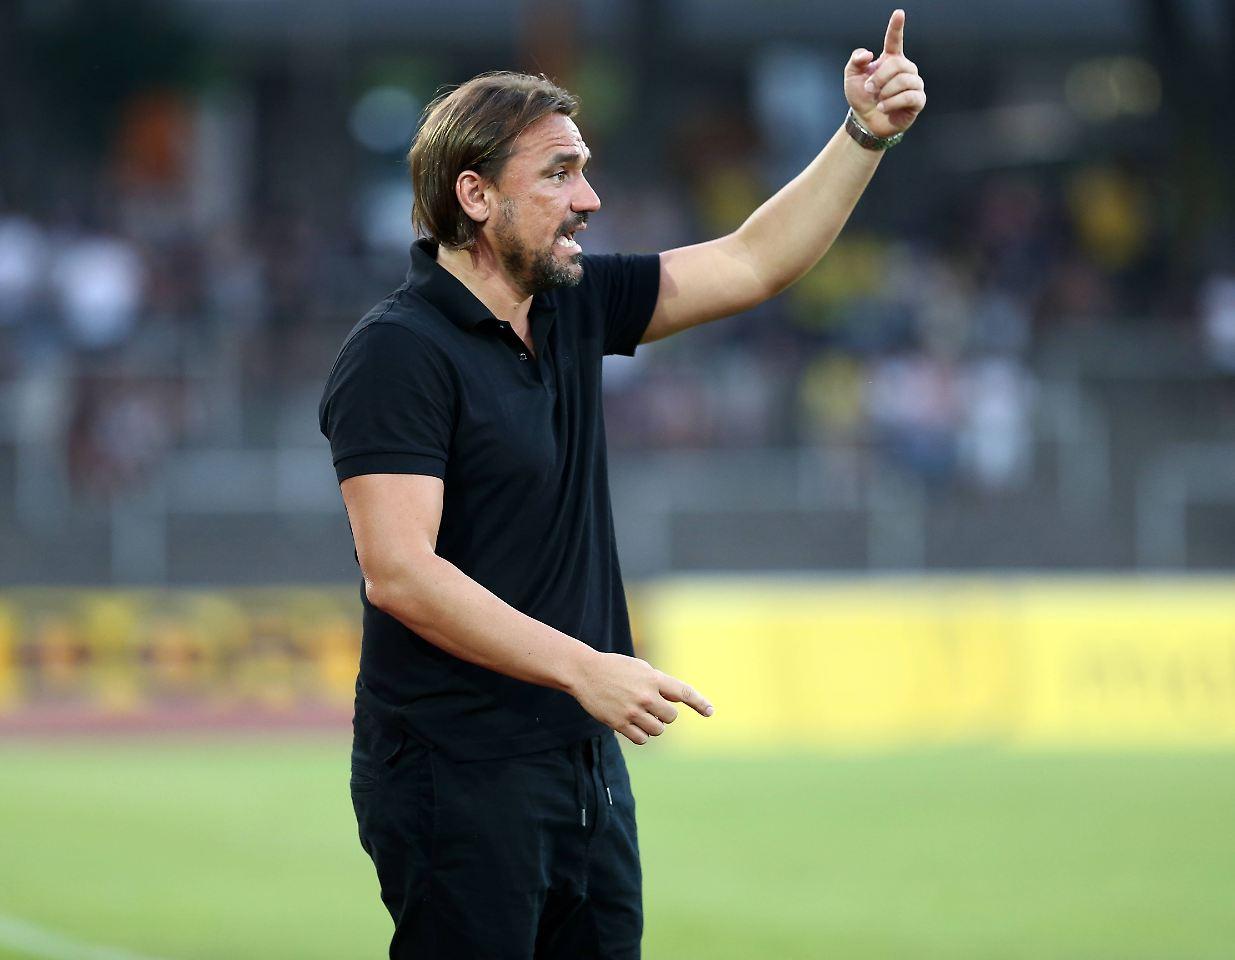 Der Sport-Tag: Nächster Dortmund-Coach wechselt auf die Insel